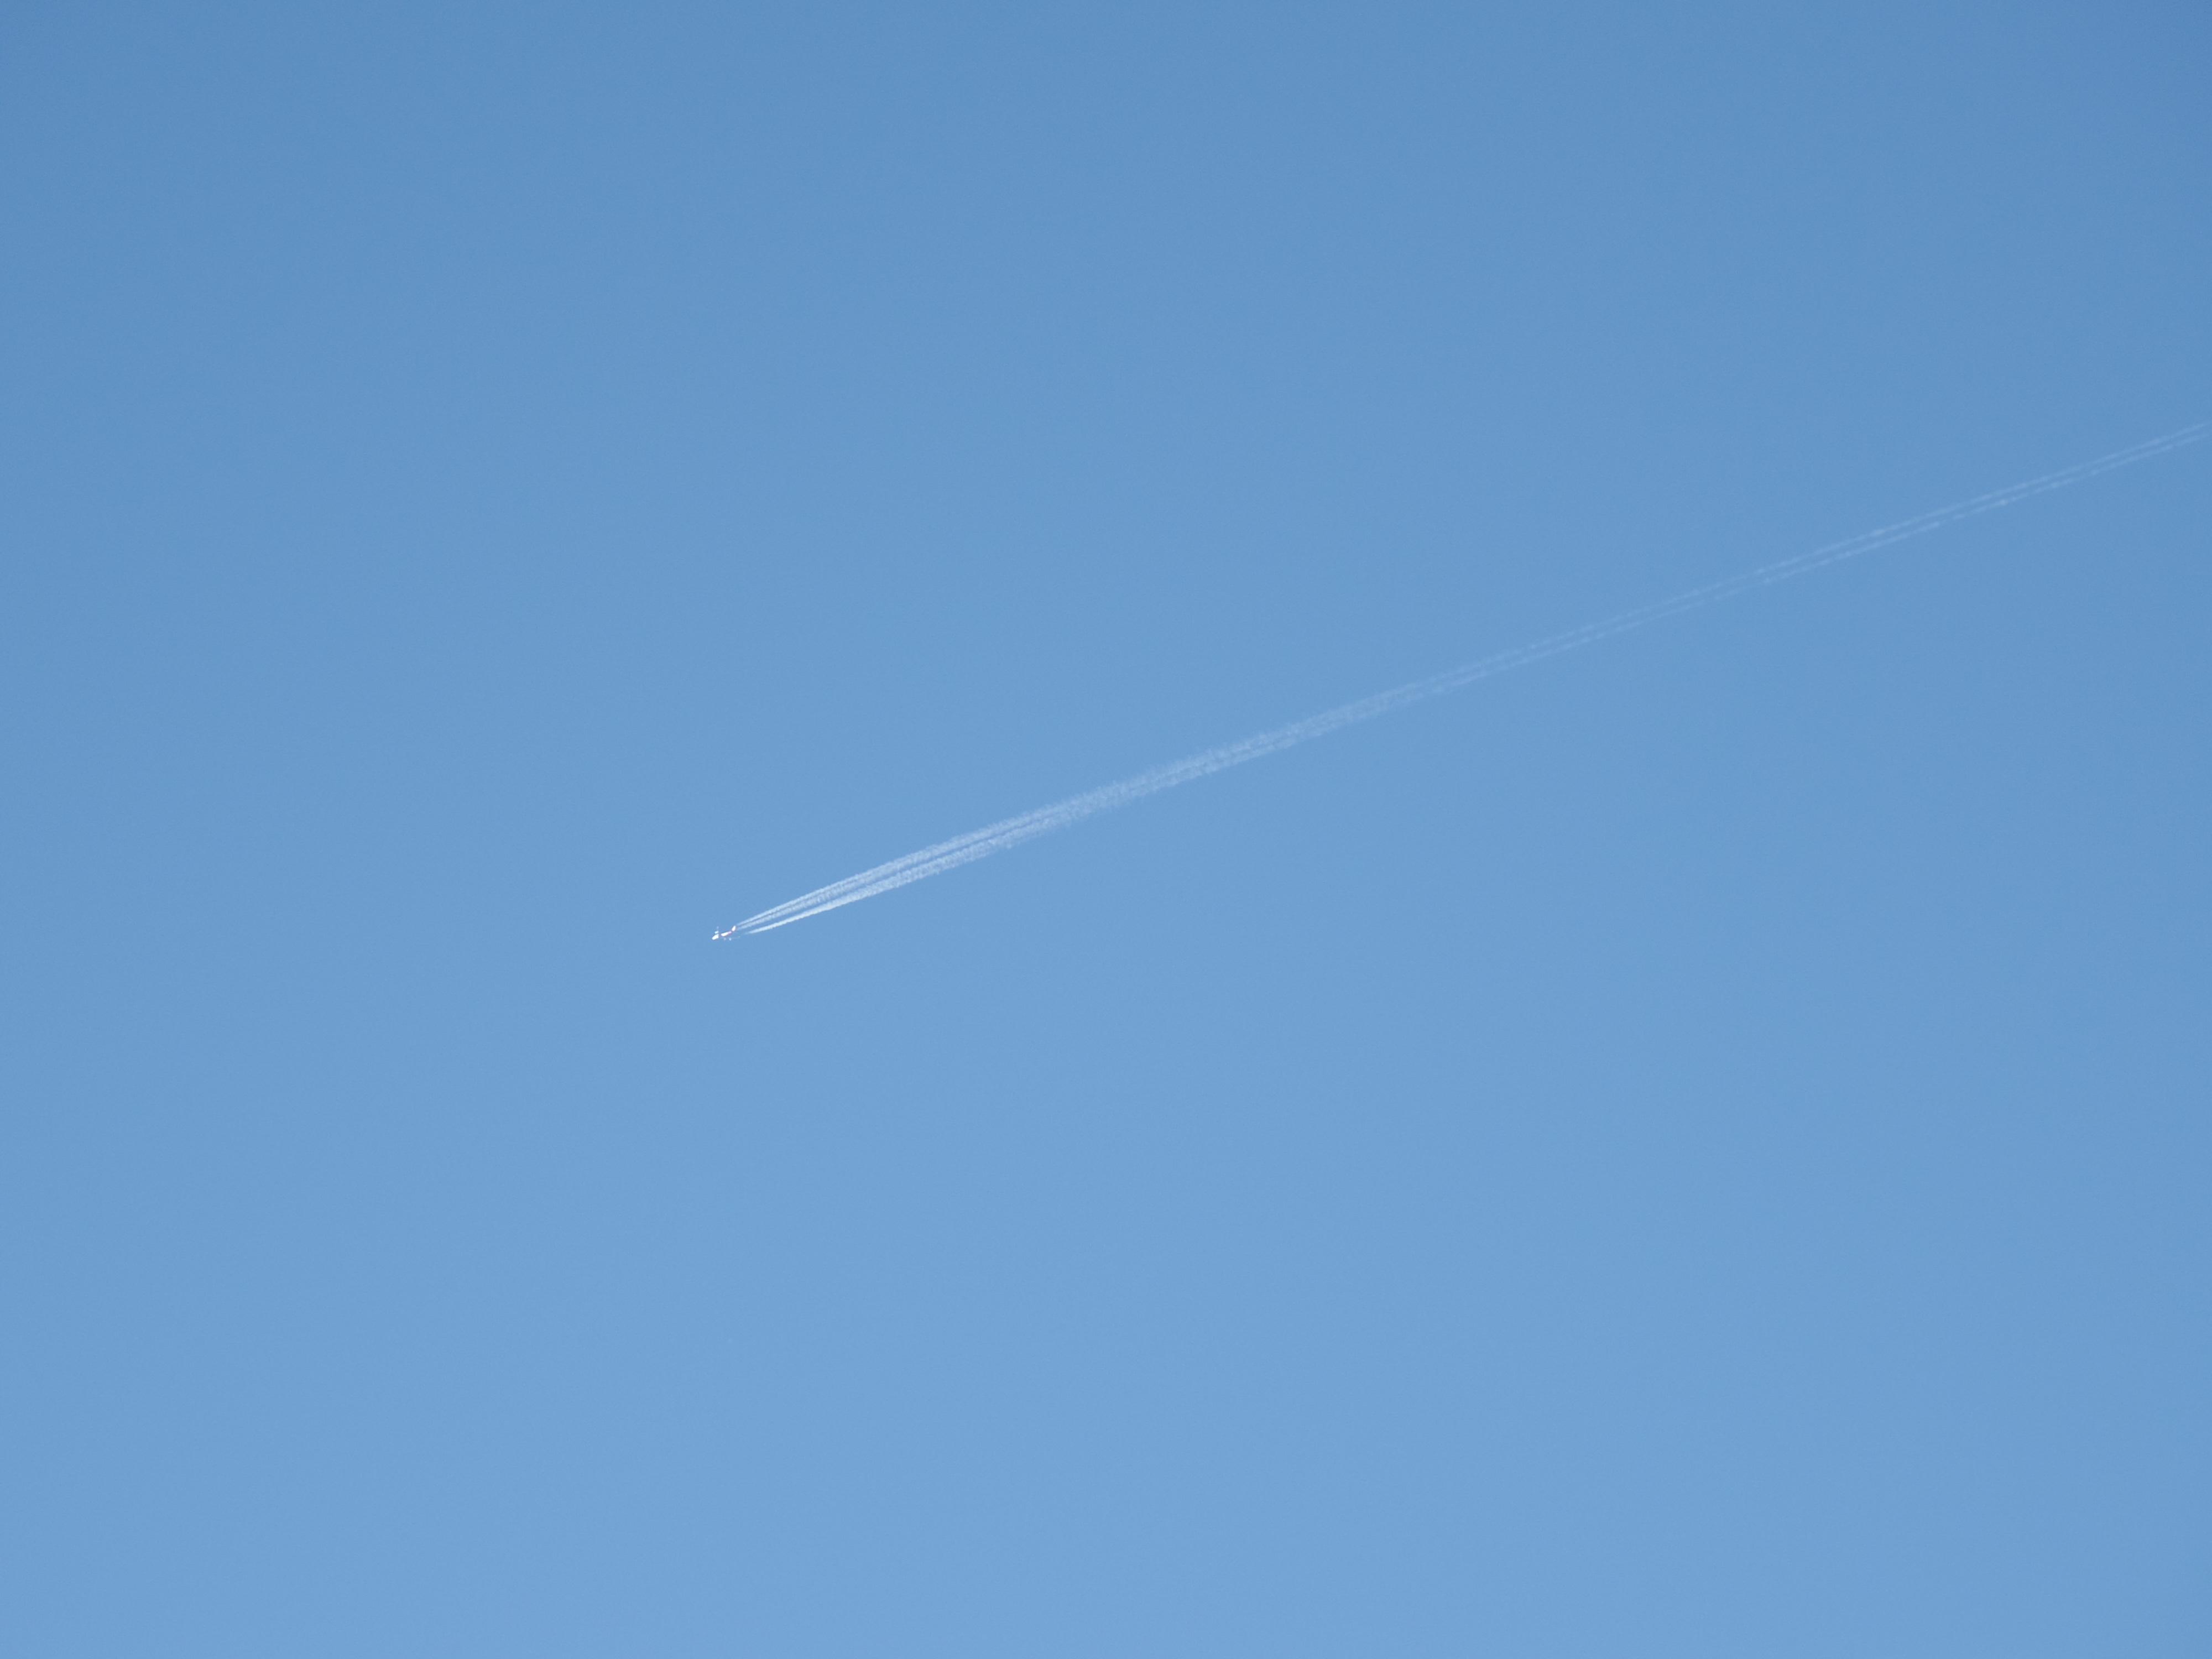 ふと見上げると飛行機雲が。急いでカメラを空に向けて撮ったときにAFの良さを実感。PENTAX Q10 / 06 TELEPHOTO ZOOM / 約1.5MB / 4,000×3,000 / 1/1,000秒 / F2.8 / 0EV / ISO100 / 32.9mm